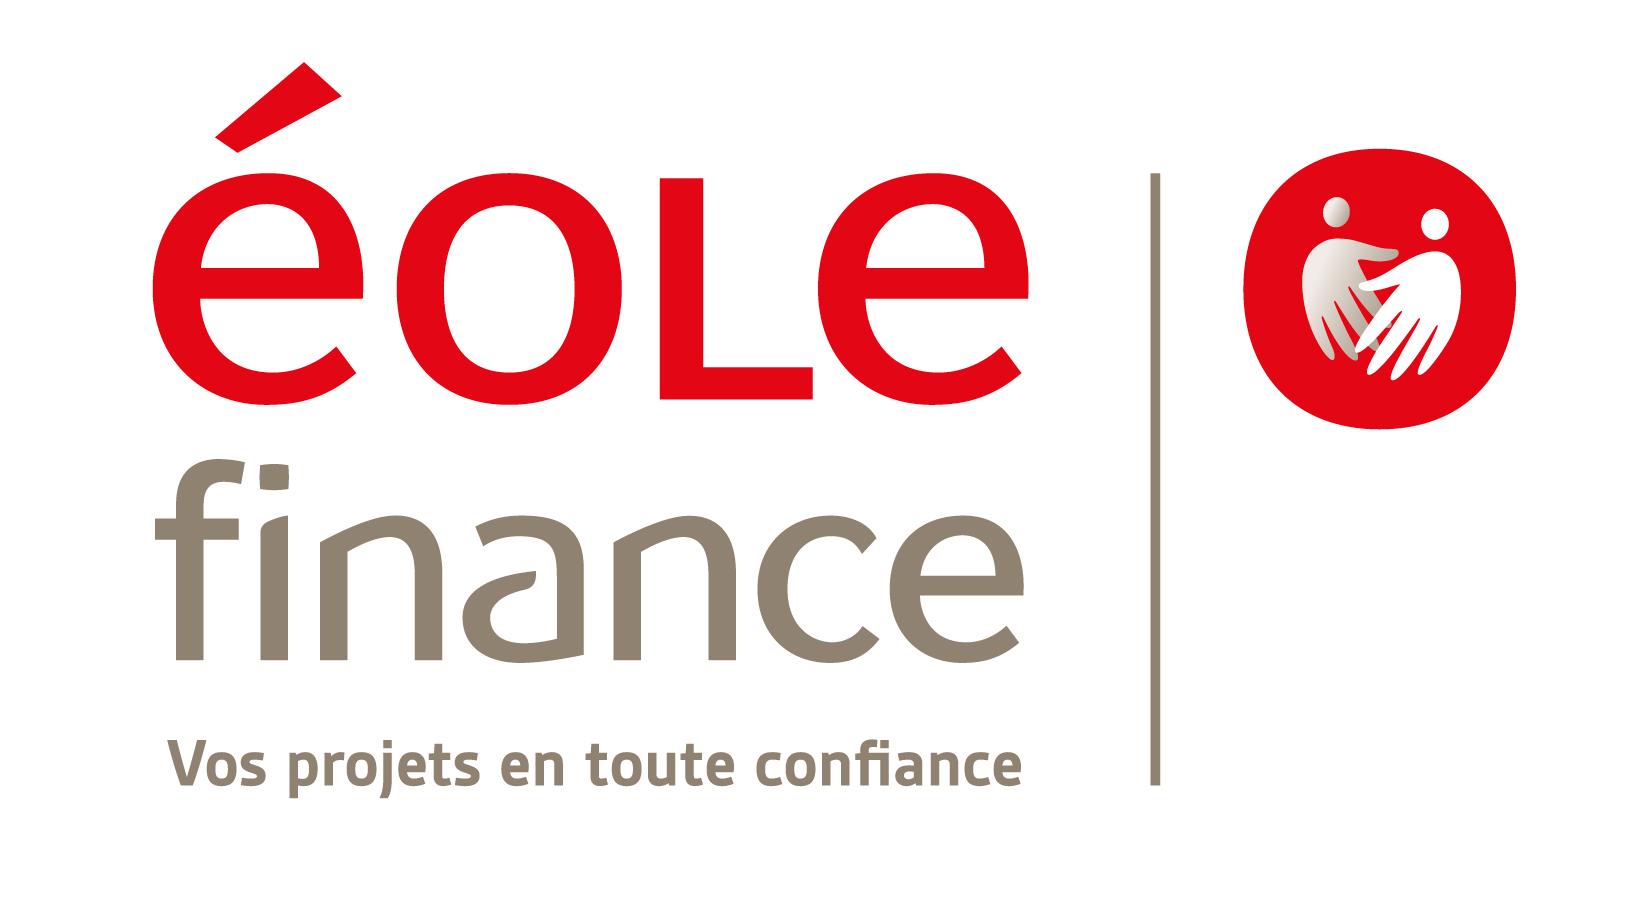 logo, festival energies, soulac, 2016, 14 mai 2016, Bordeaux, Soulac sur mer, Studio Le Carre, Financo, Eole Finance, CE, CE entreprise, comite entreprise, solution pour CE, solution financiere pour CE, Amazing Studio